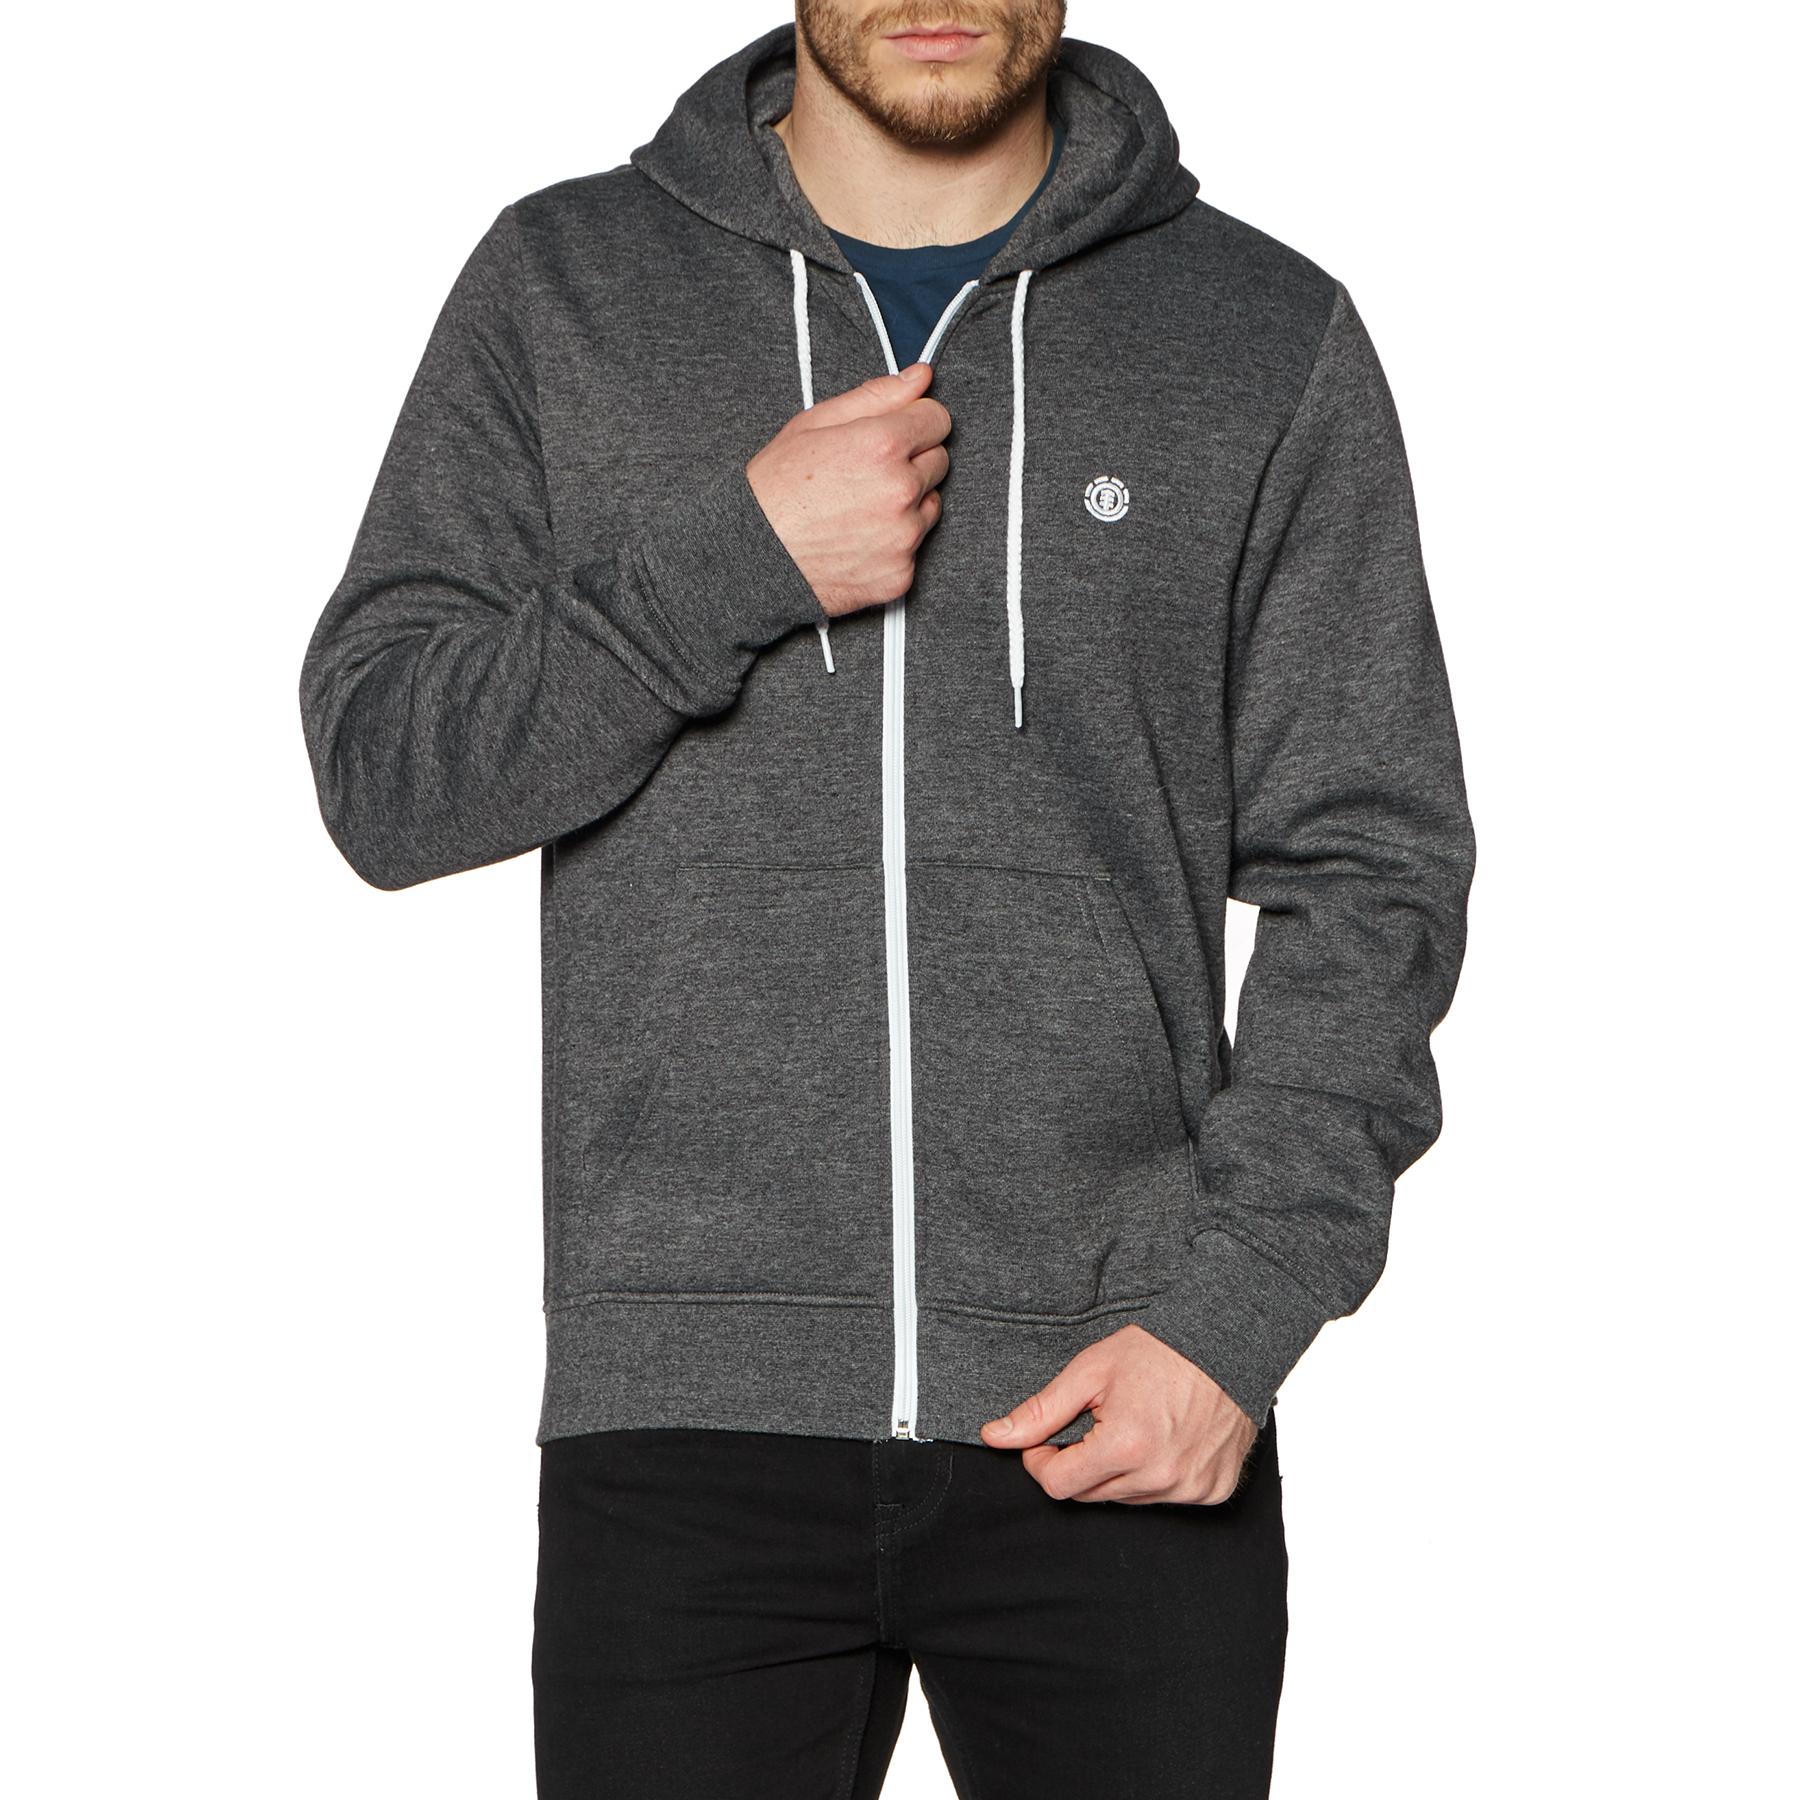 Camisolas com Capuz | Opções de Entrega Grátis disponíveis